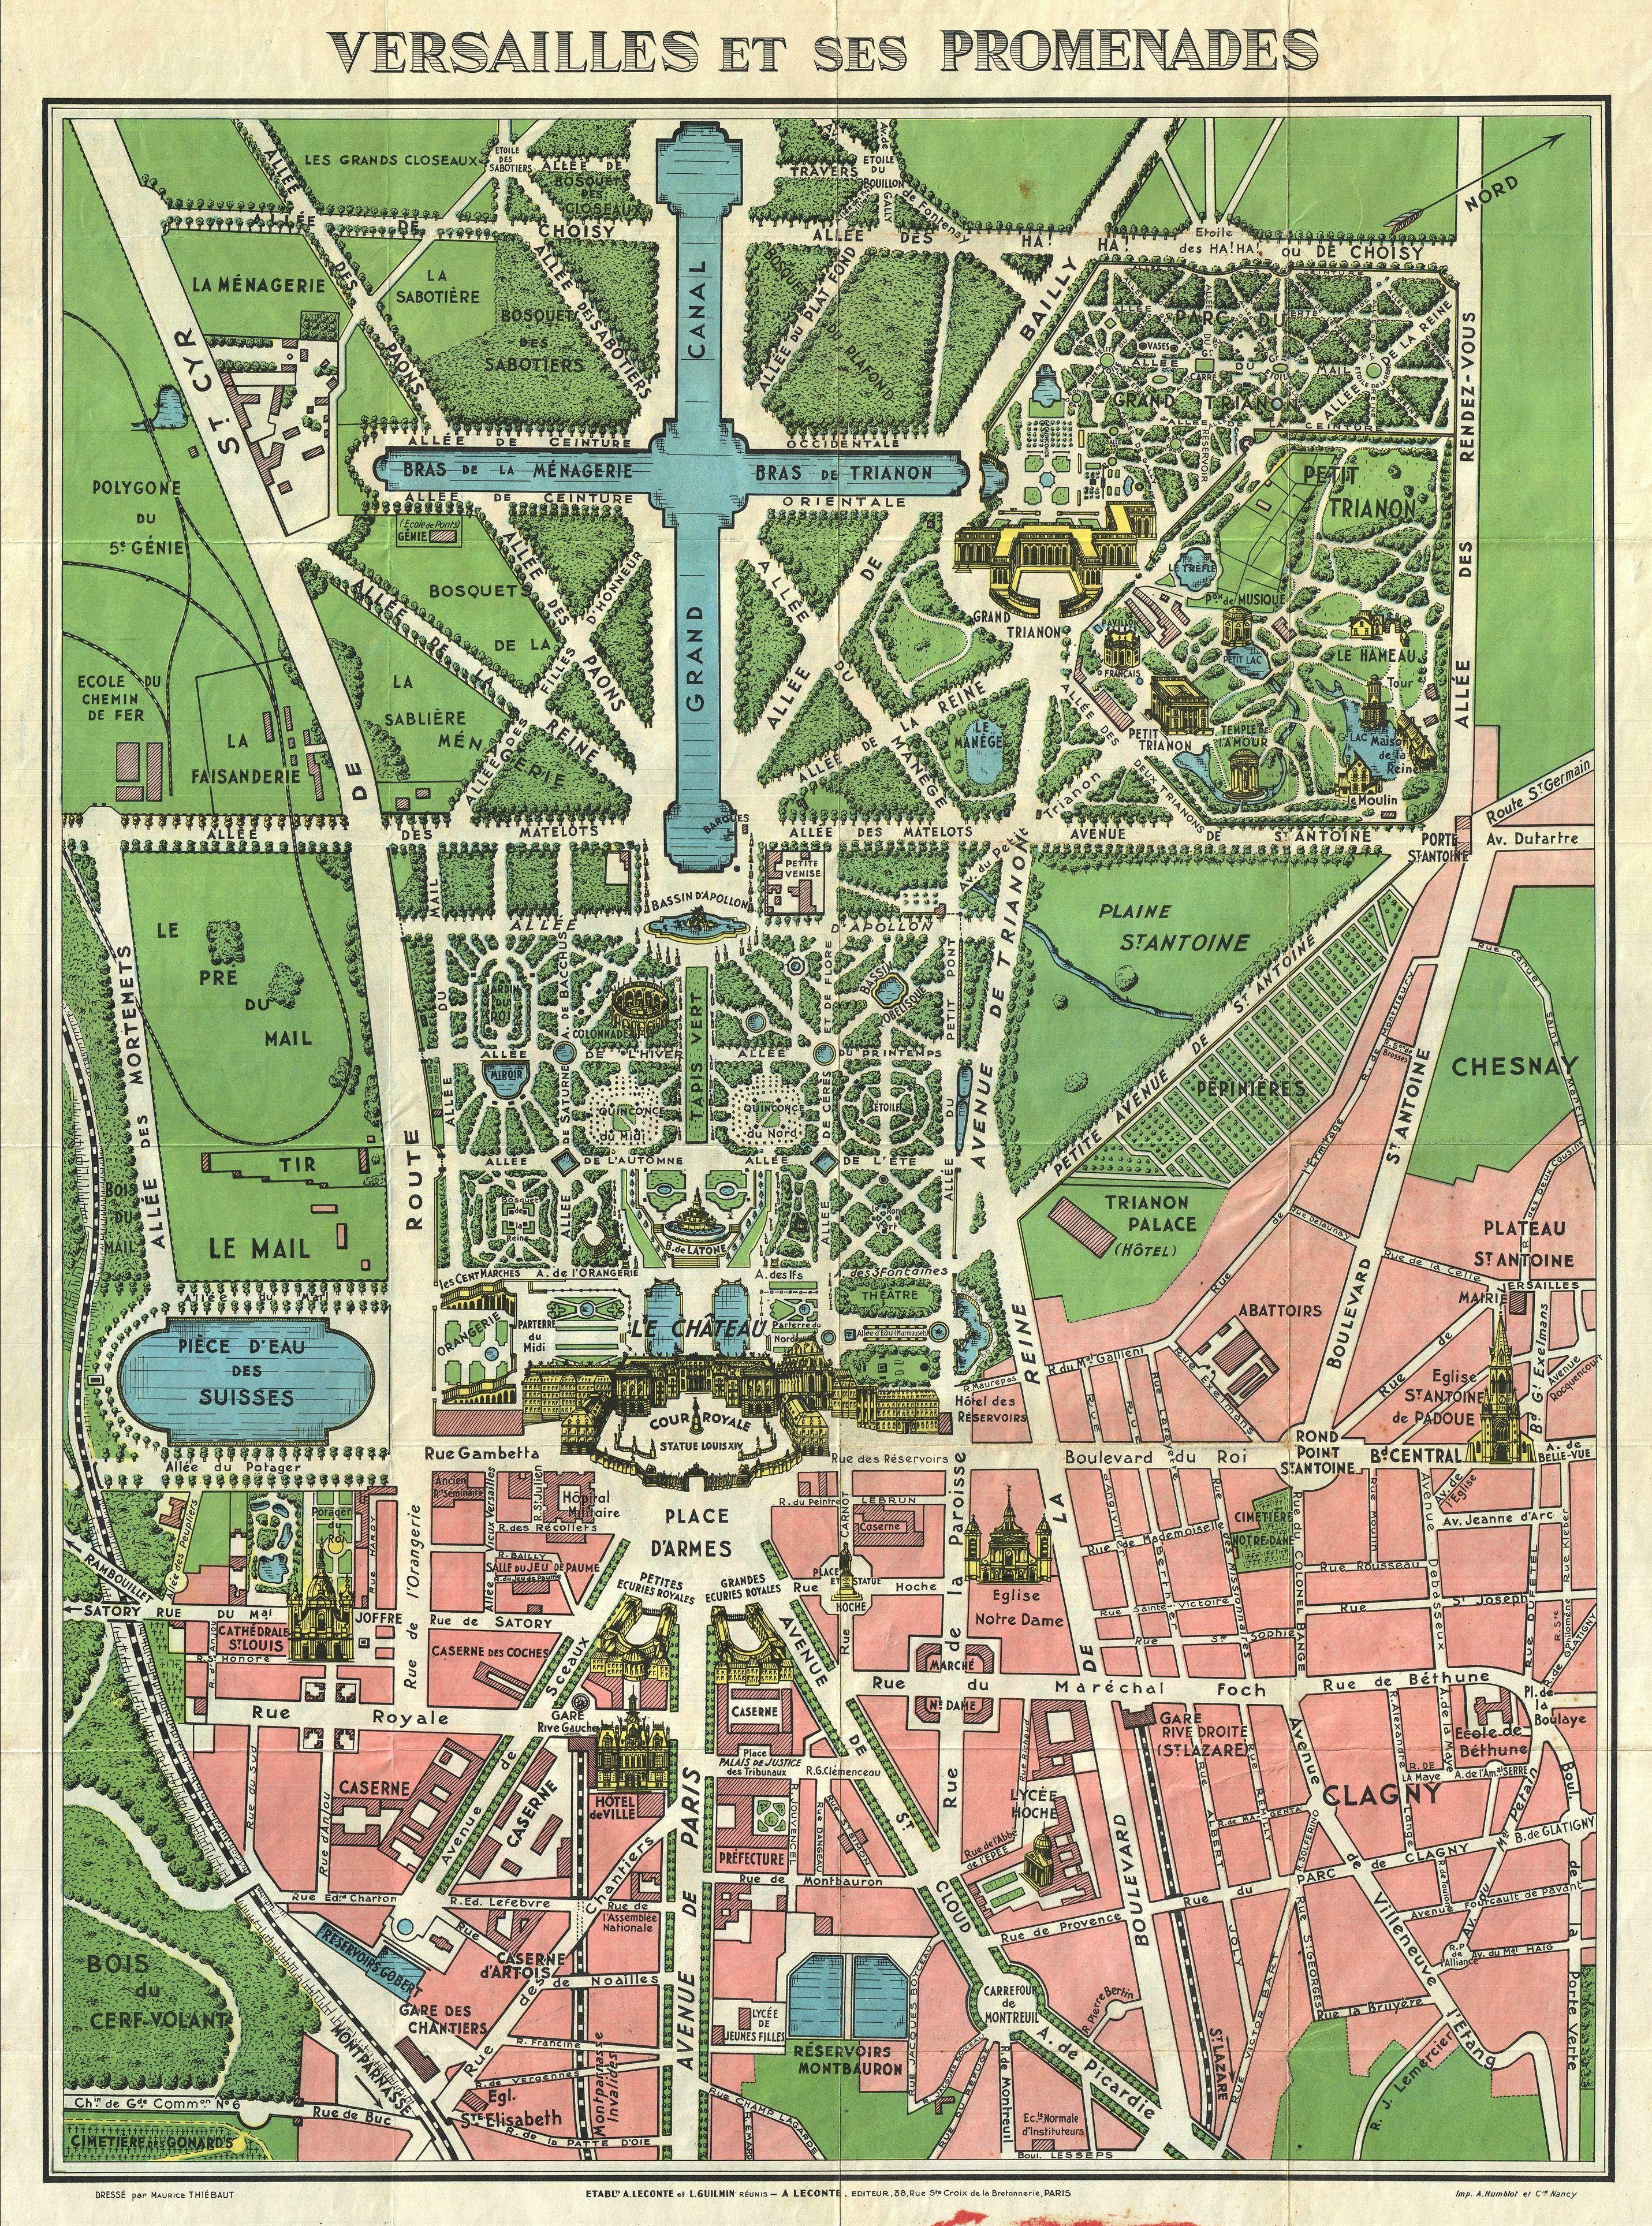 b3b48f06f13540cb28c0ce5c7e537455 - Who Designed The Gardens Of Versailles